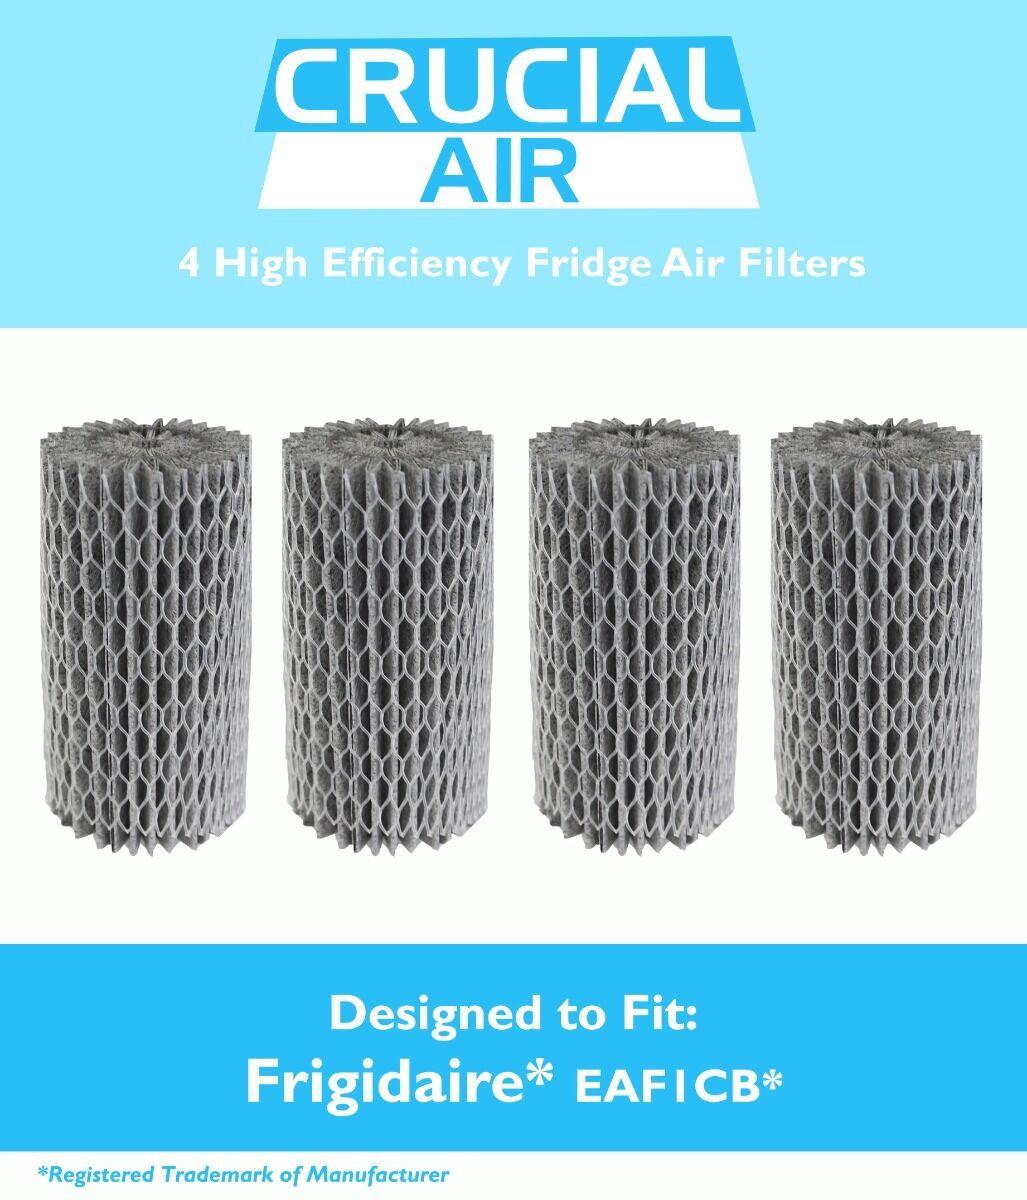 4 Replacements Frigidaire EAF1CB Pure Advantage Fridges Air Filters